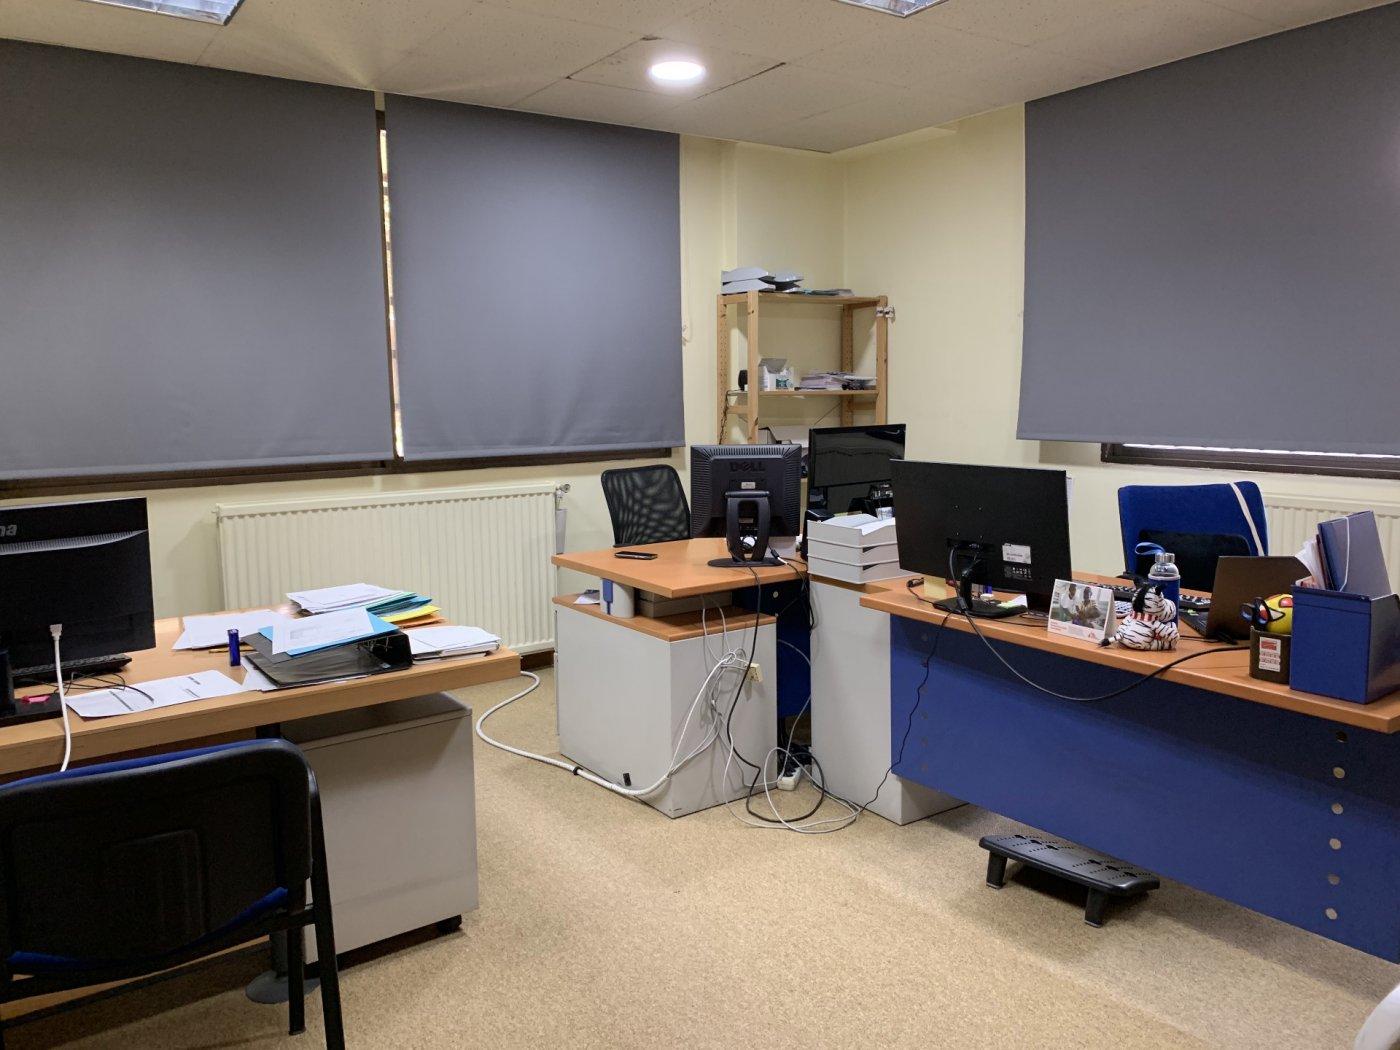 Oficina en el viso - imagenInmueble18